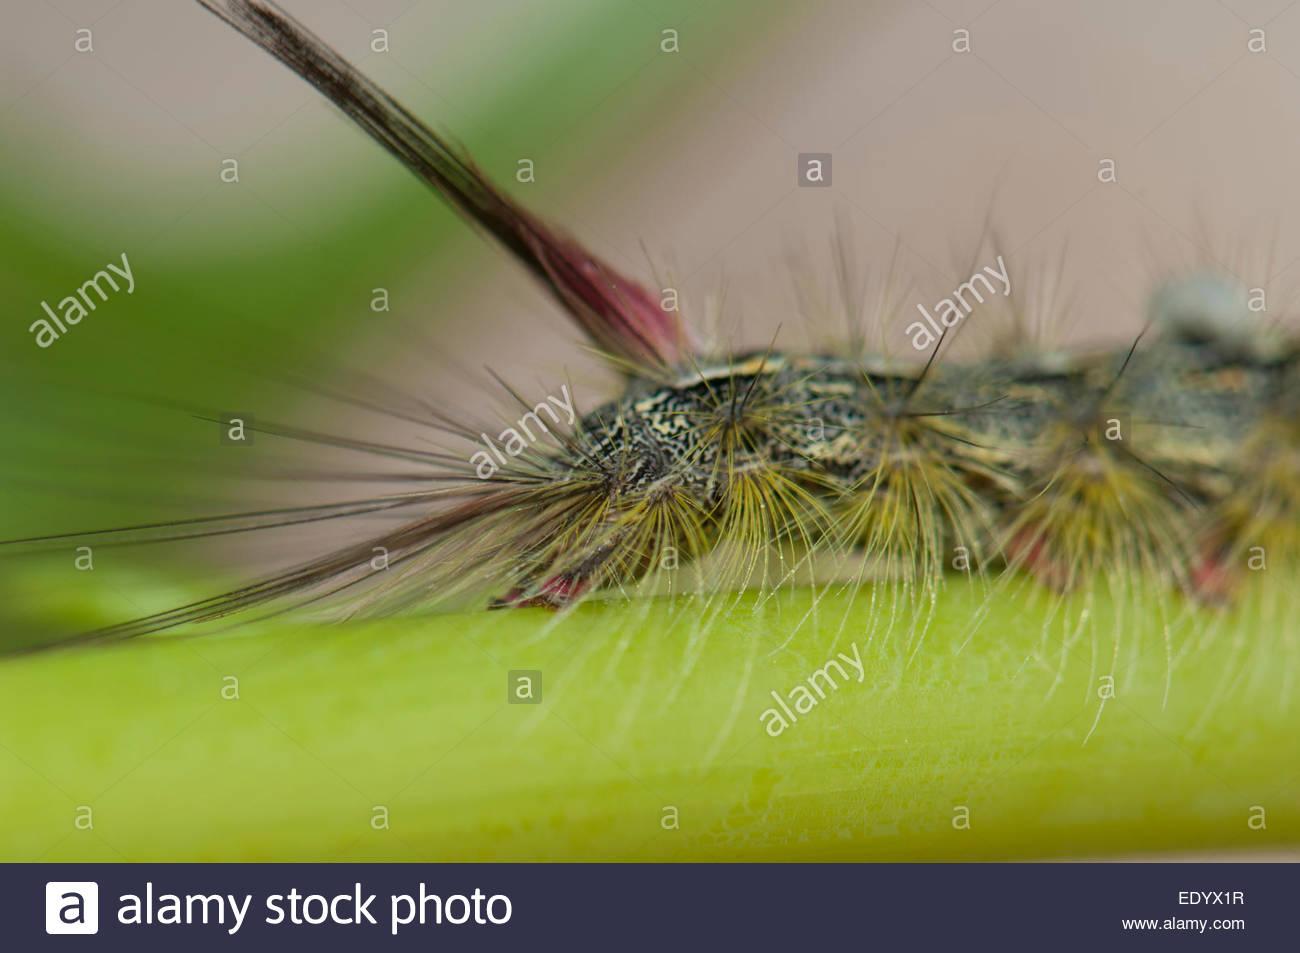 Caterpillar Moth Makaronesien Fortunata. Stockbild